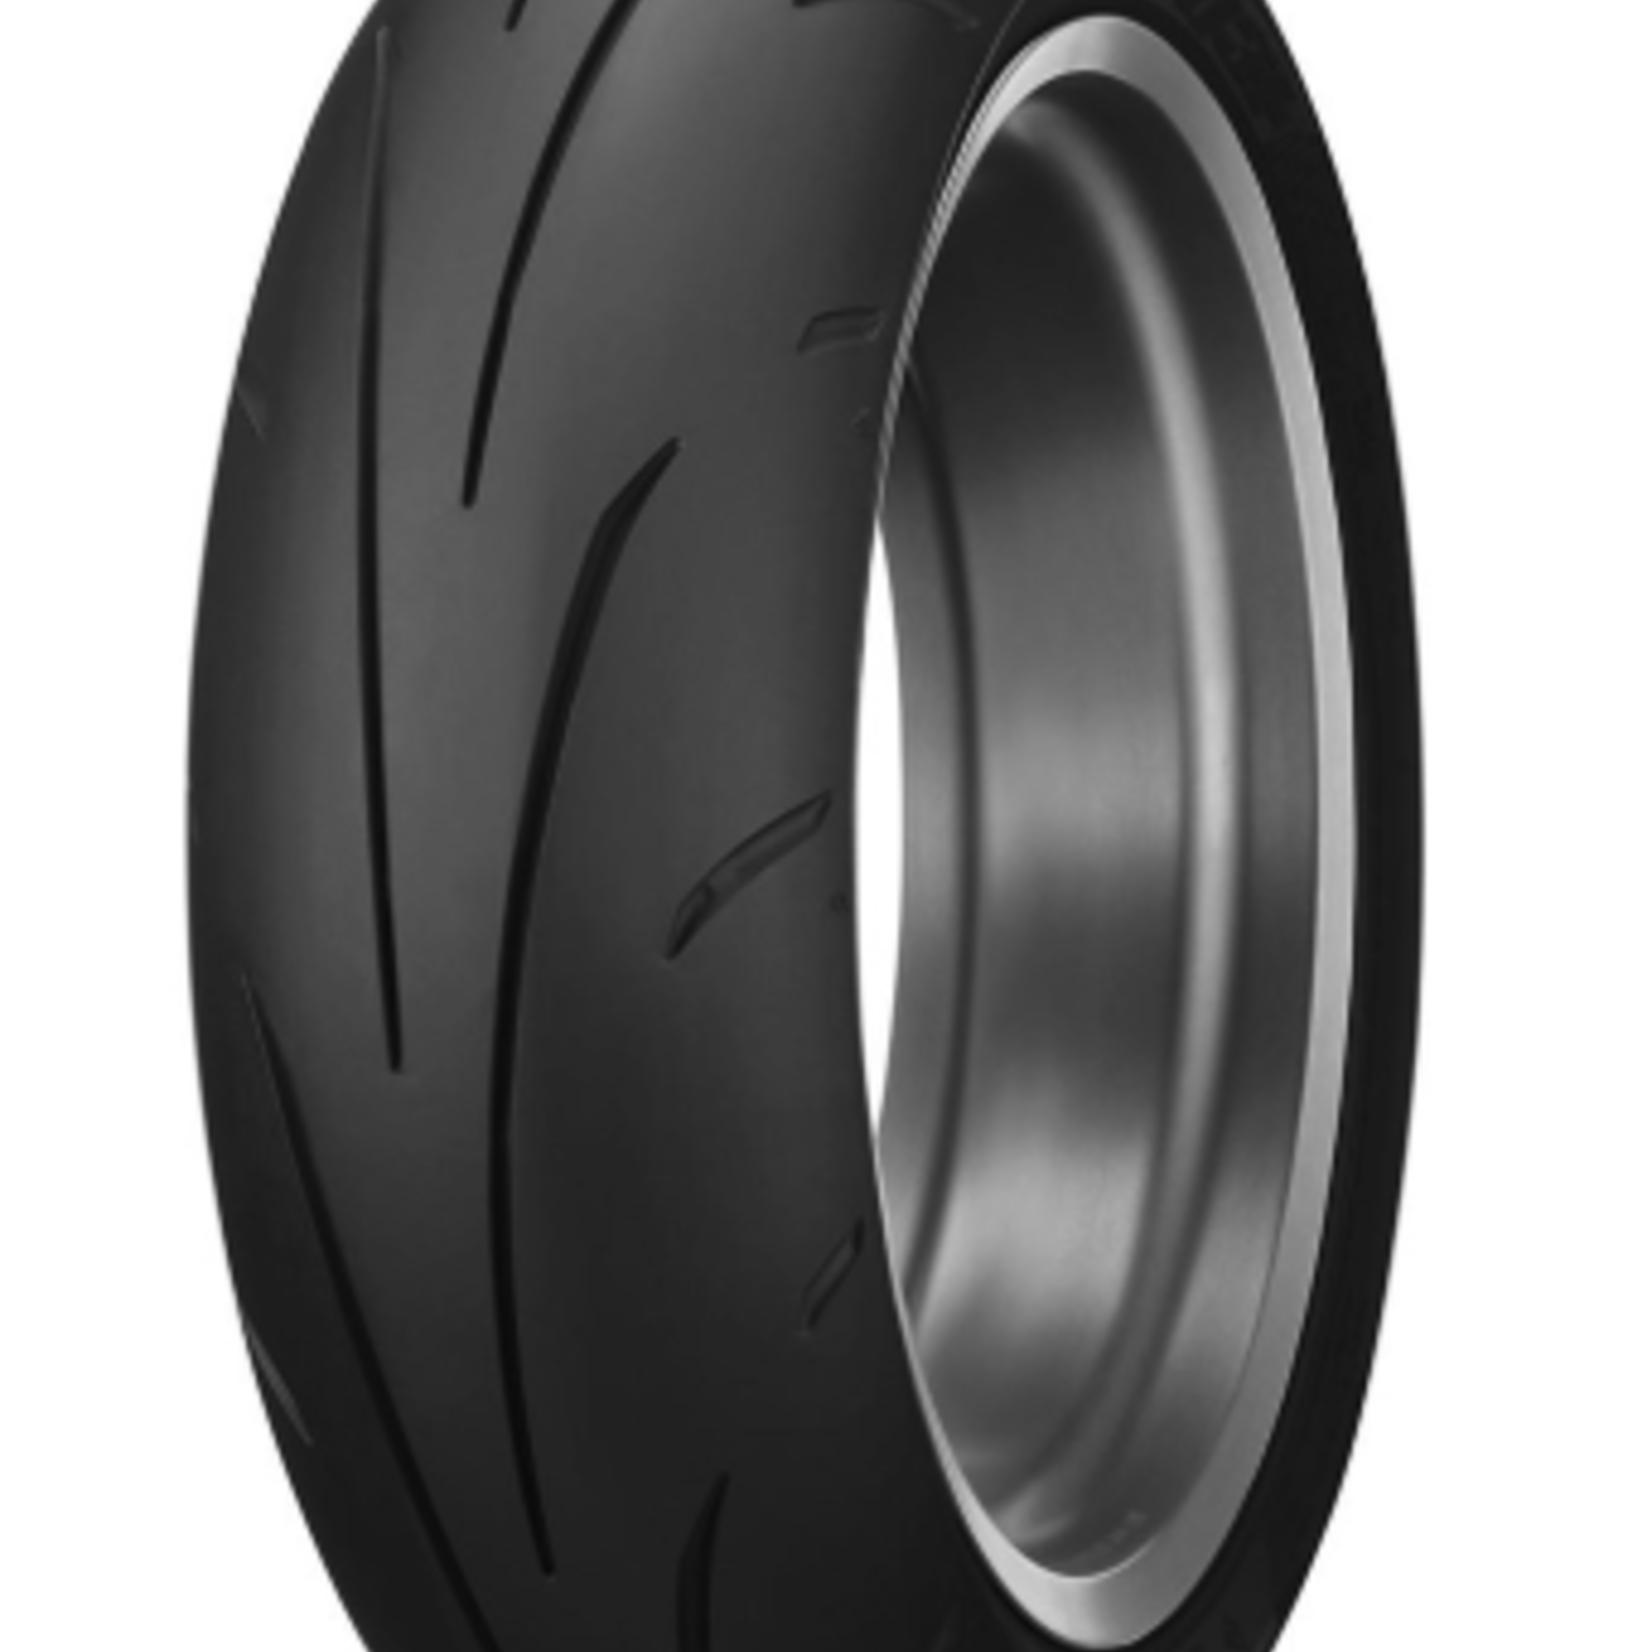 Dunlop Dunlop Sportmax Q3+ Rear Tire - 190/55-17